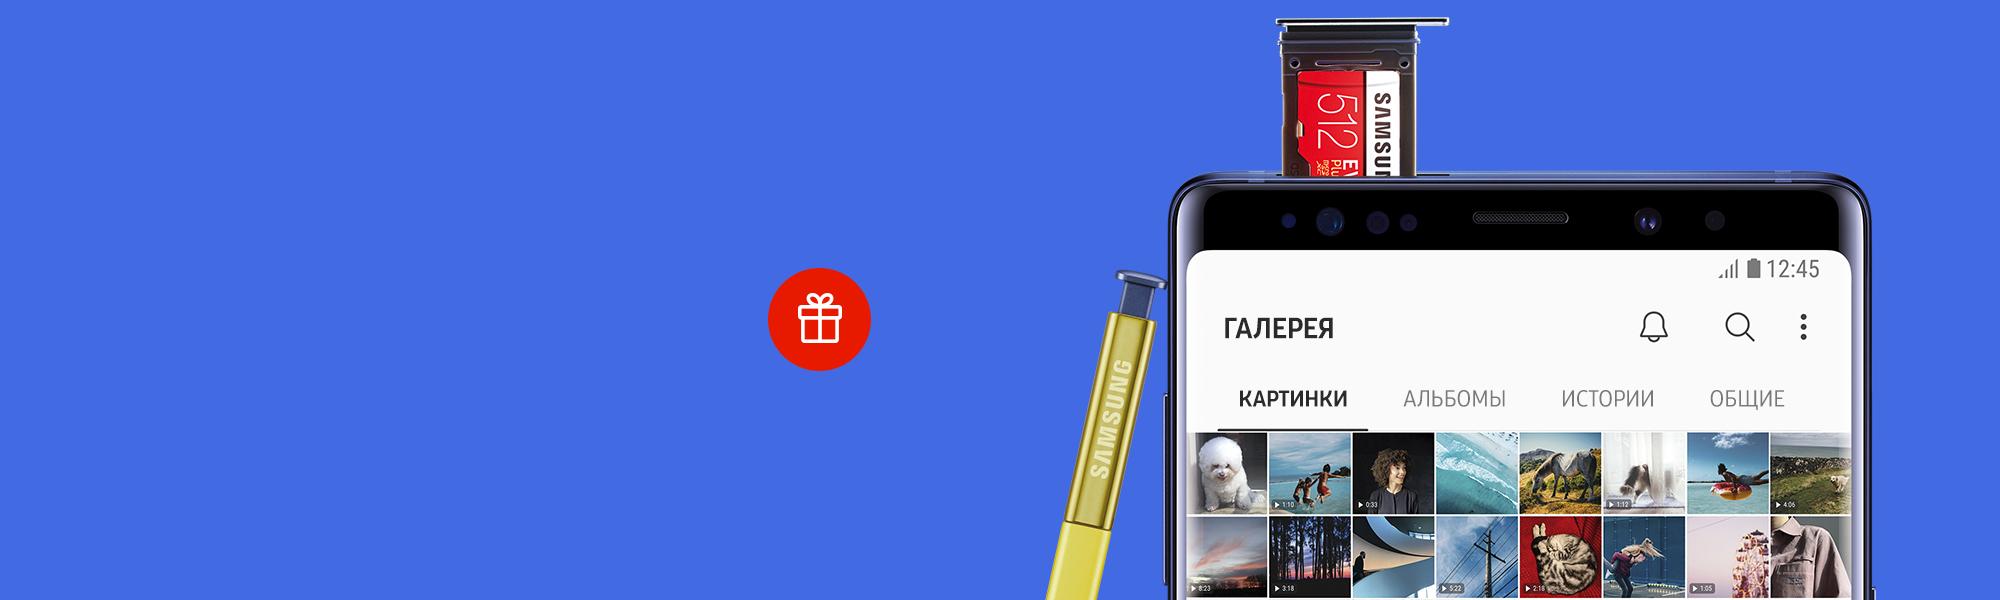 Покупателям Samsung Galaxy Note9 терабайт памяти в подарок